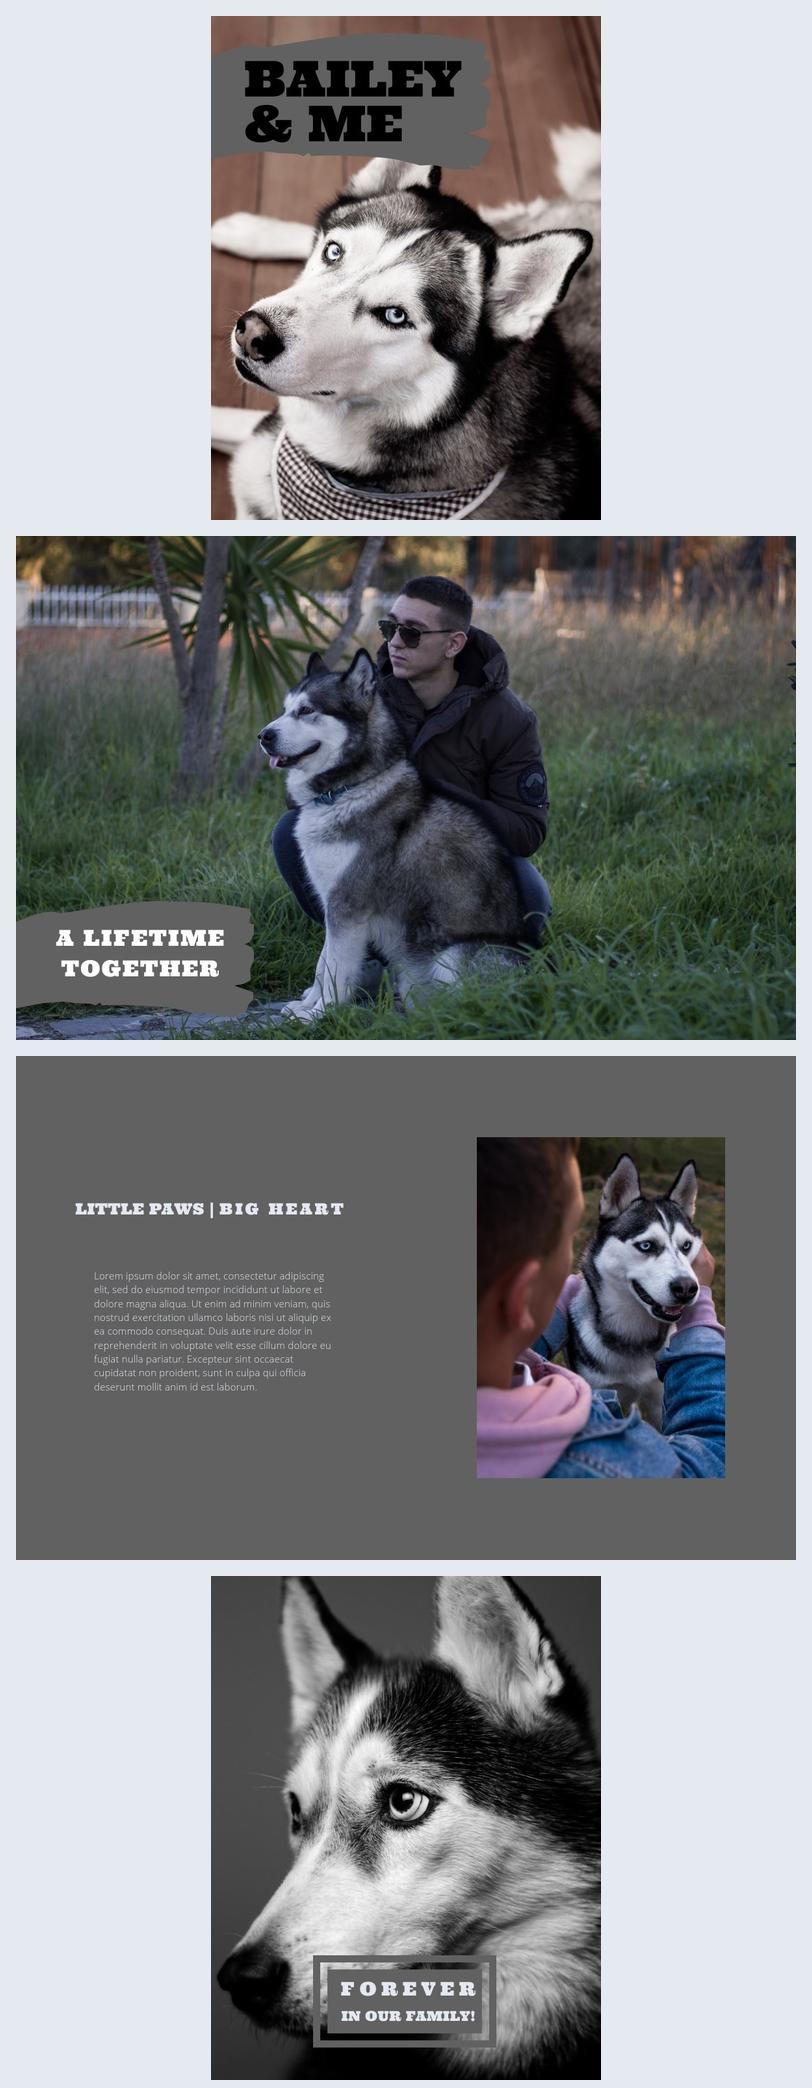 Pet Memorial Photo Album